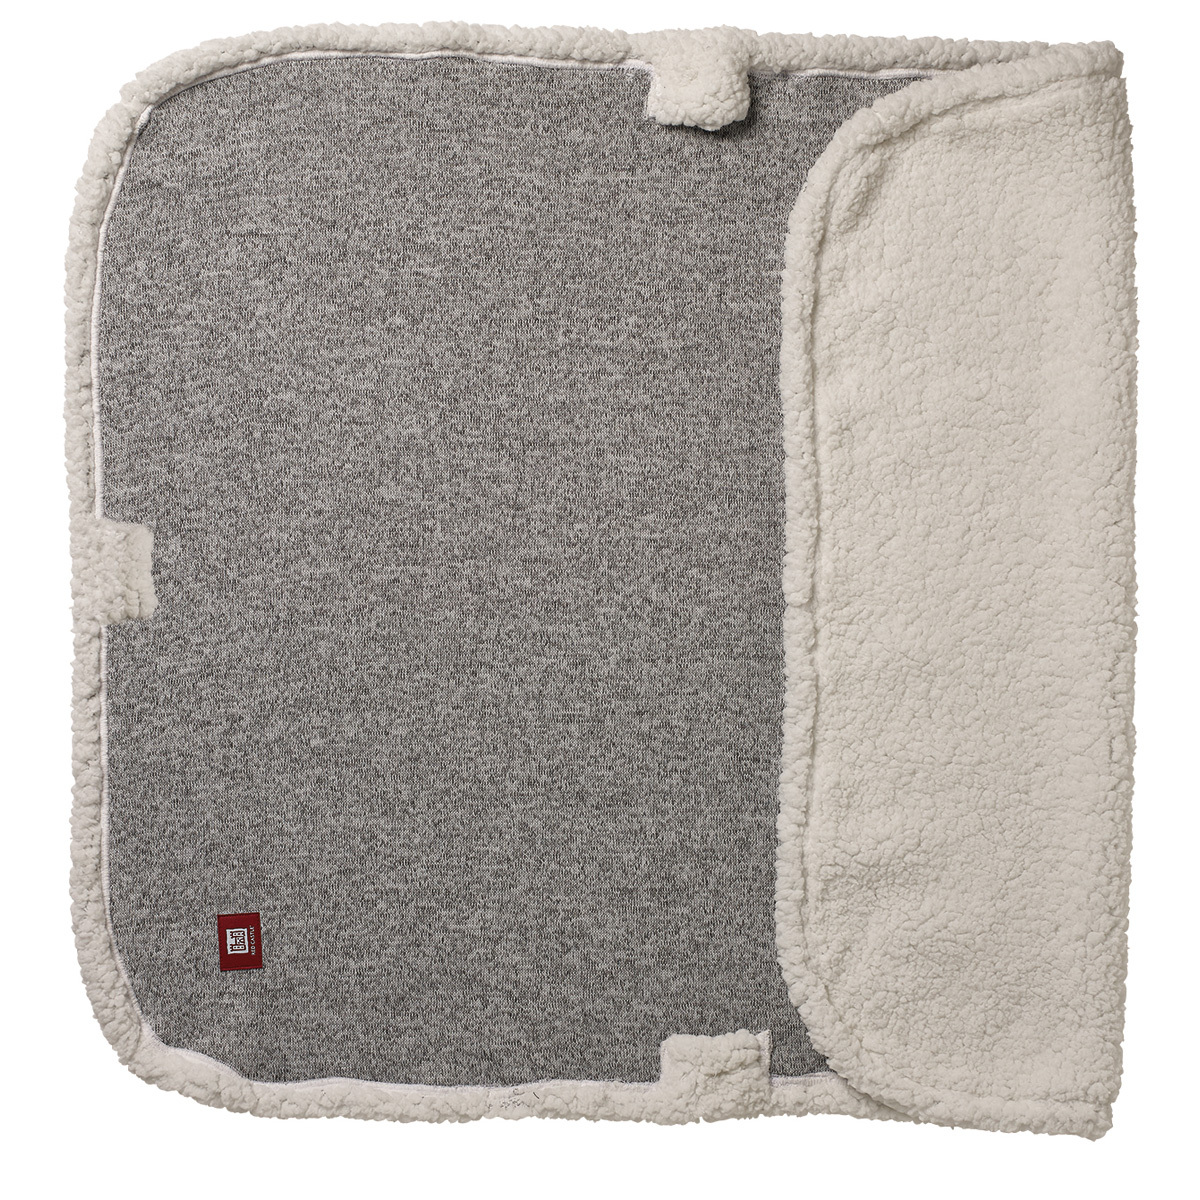 Linge de lit Couverture Multi-usages Douillet - Gris Chiné Couverture Multi-usages Douillet - Gris Chiné